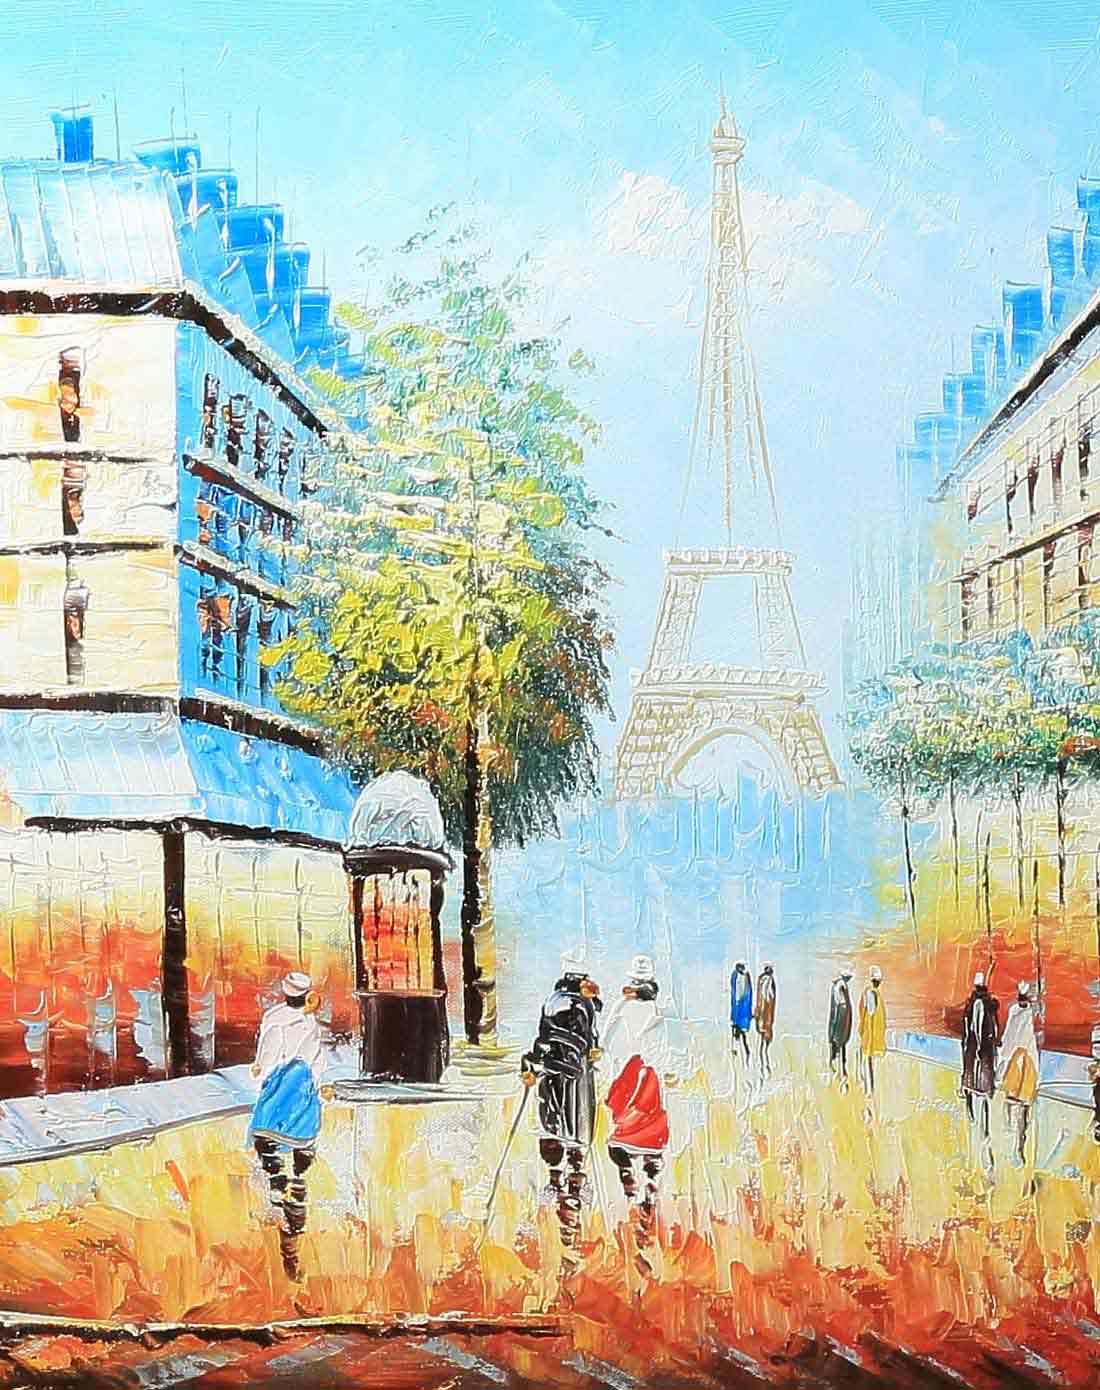 特惠经典油画风景系列-巴黎街景